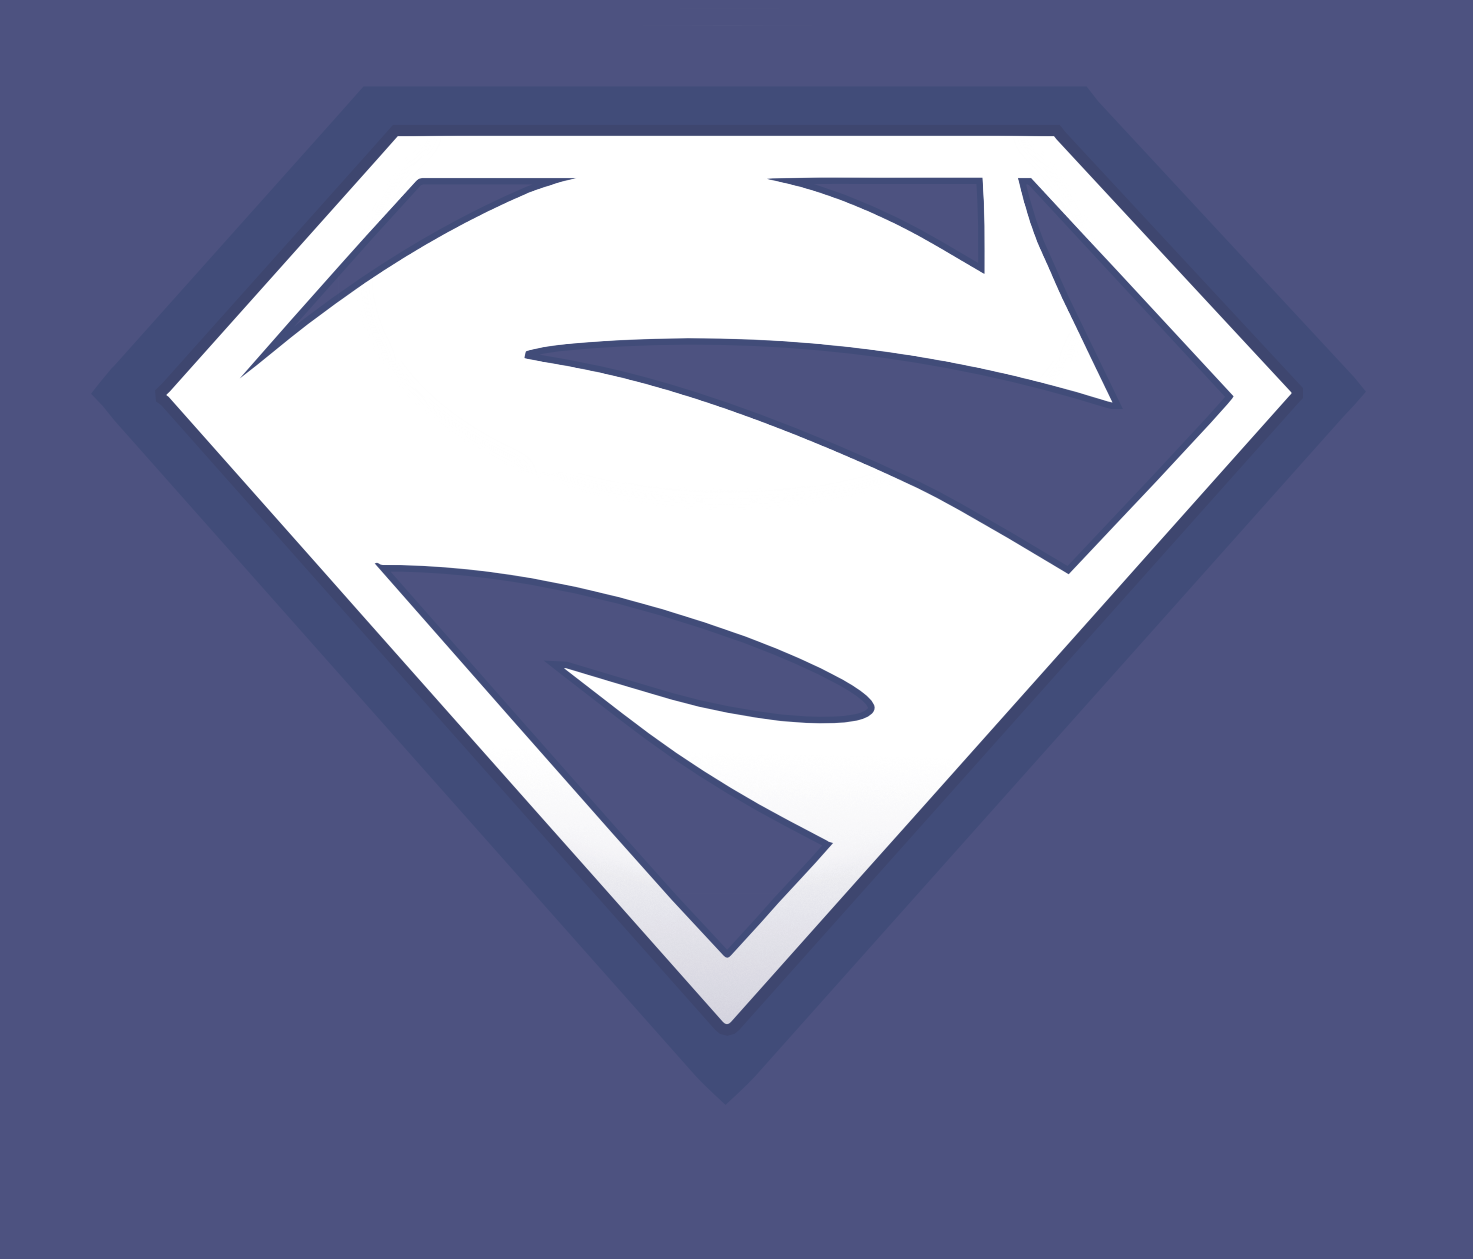 Shield Design in Adobe Illustrator